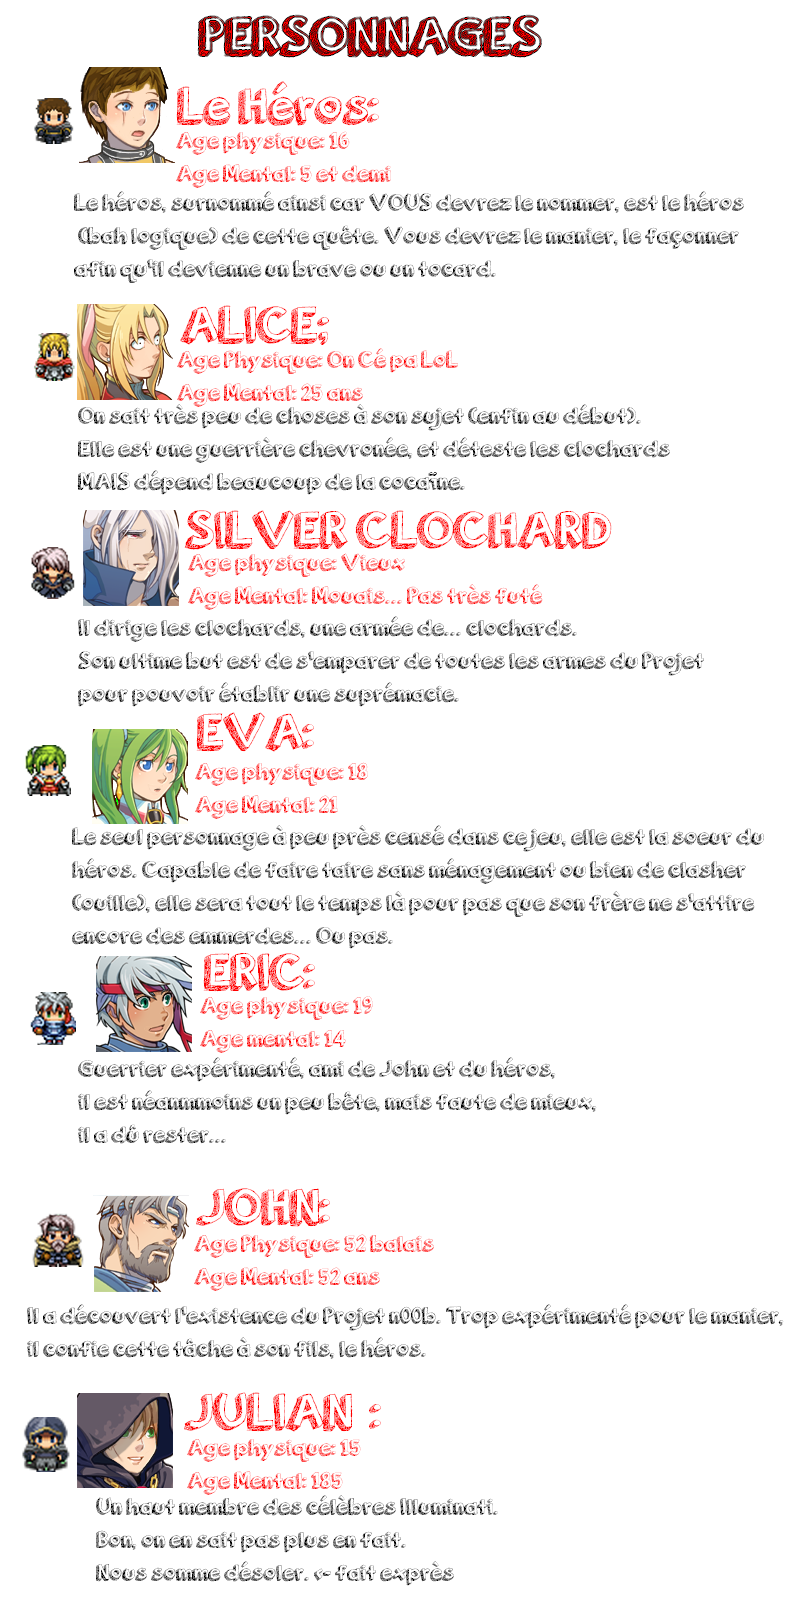 Project n00bieS - Un RPG qui ne respecte pas les clichés habituels! [Demo Disponible!] Personnages-pn-4c8d61d